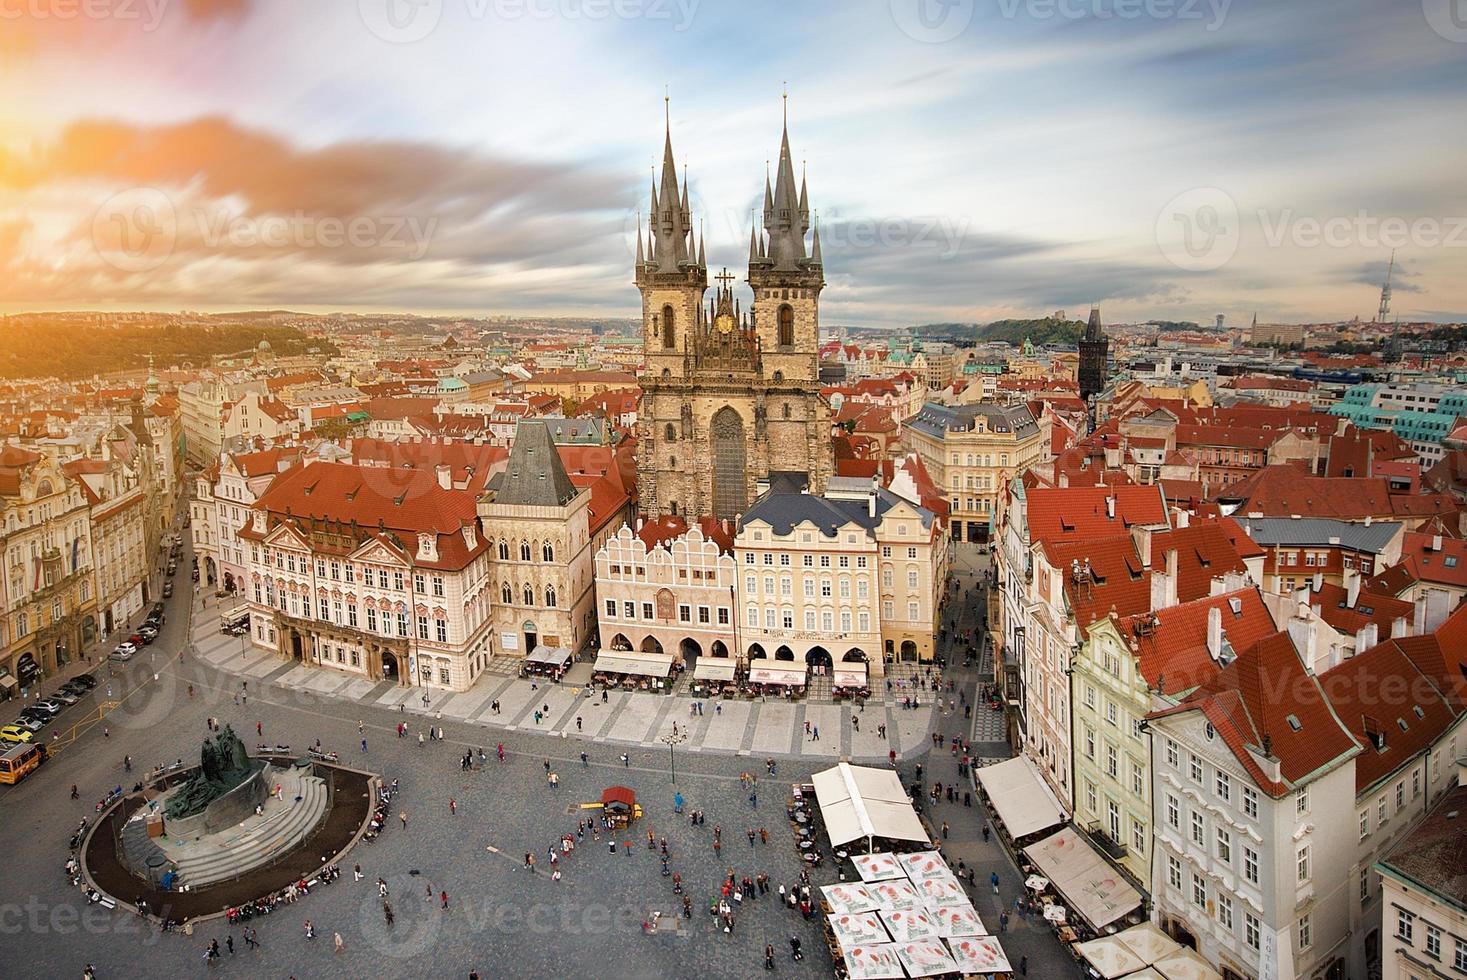 Blick auf die alte Marktstadt Prag, Tschechische Republik. foto